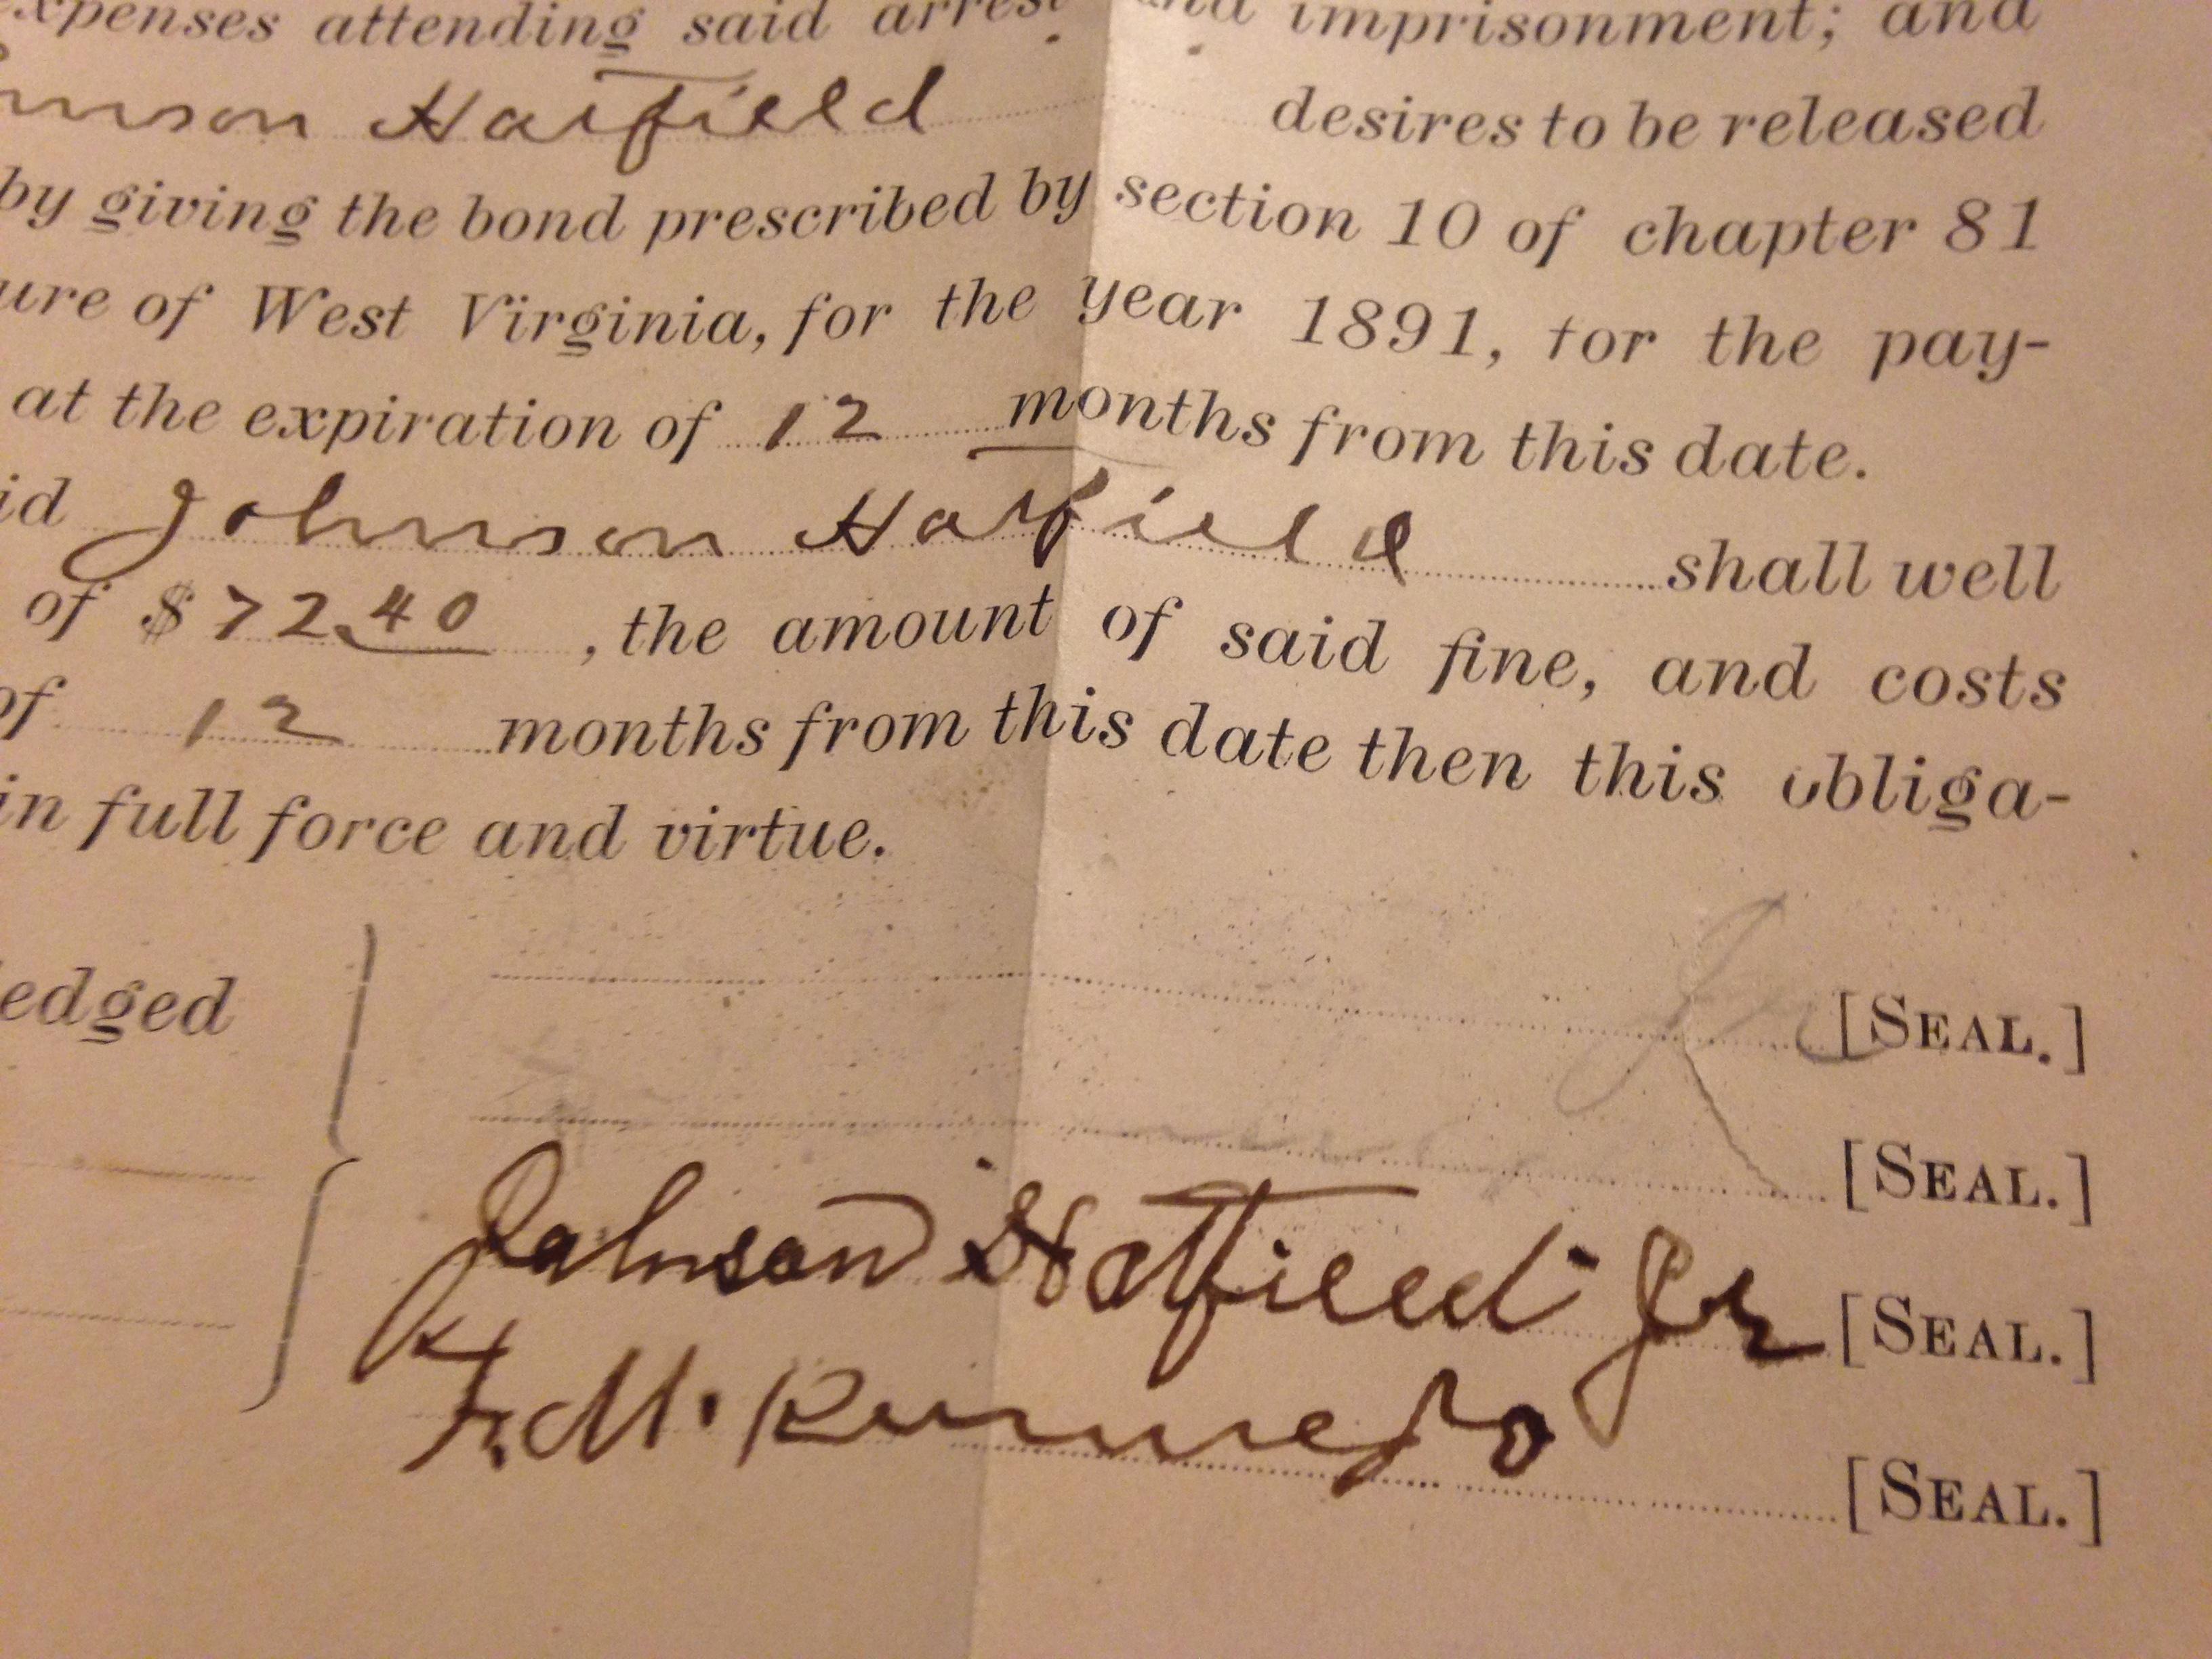 Johnson Hatfield 1894 5